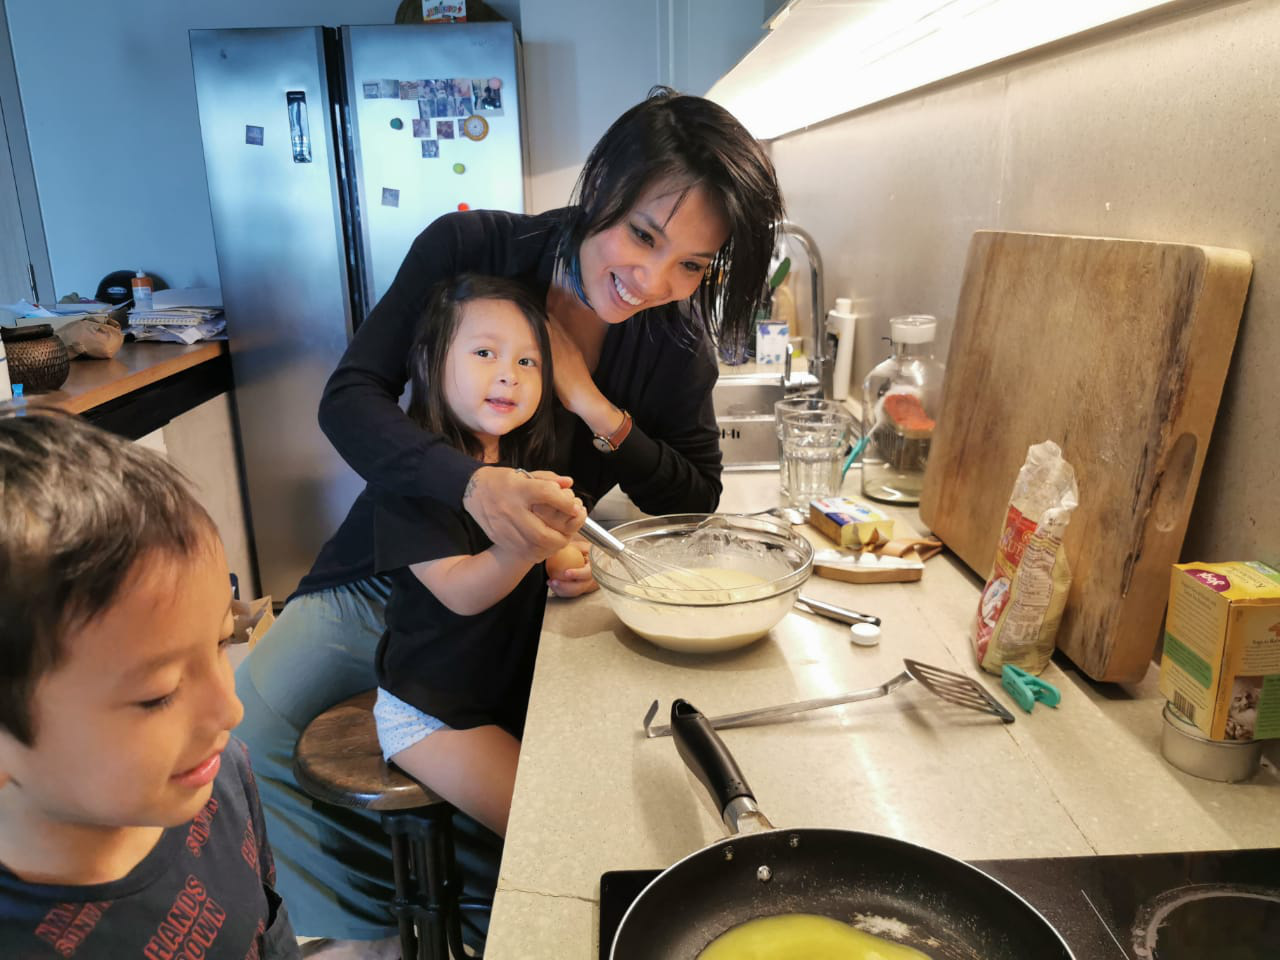 """VJ Thùy Minh: """"Phụ nữ hãy xem mỗi cuộc nấu nướng là một đại tiệc để thể hiện bản thân"""" - Ảnh 1."""